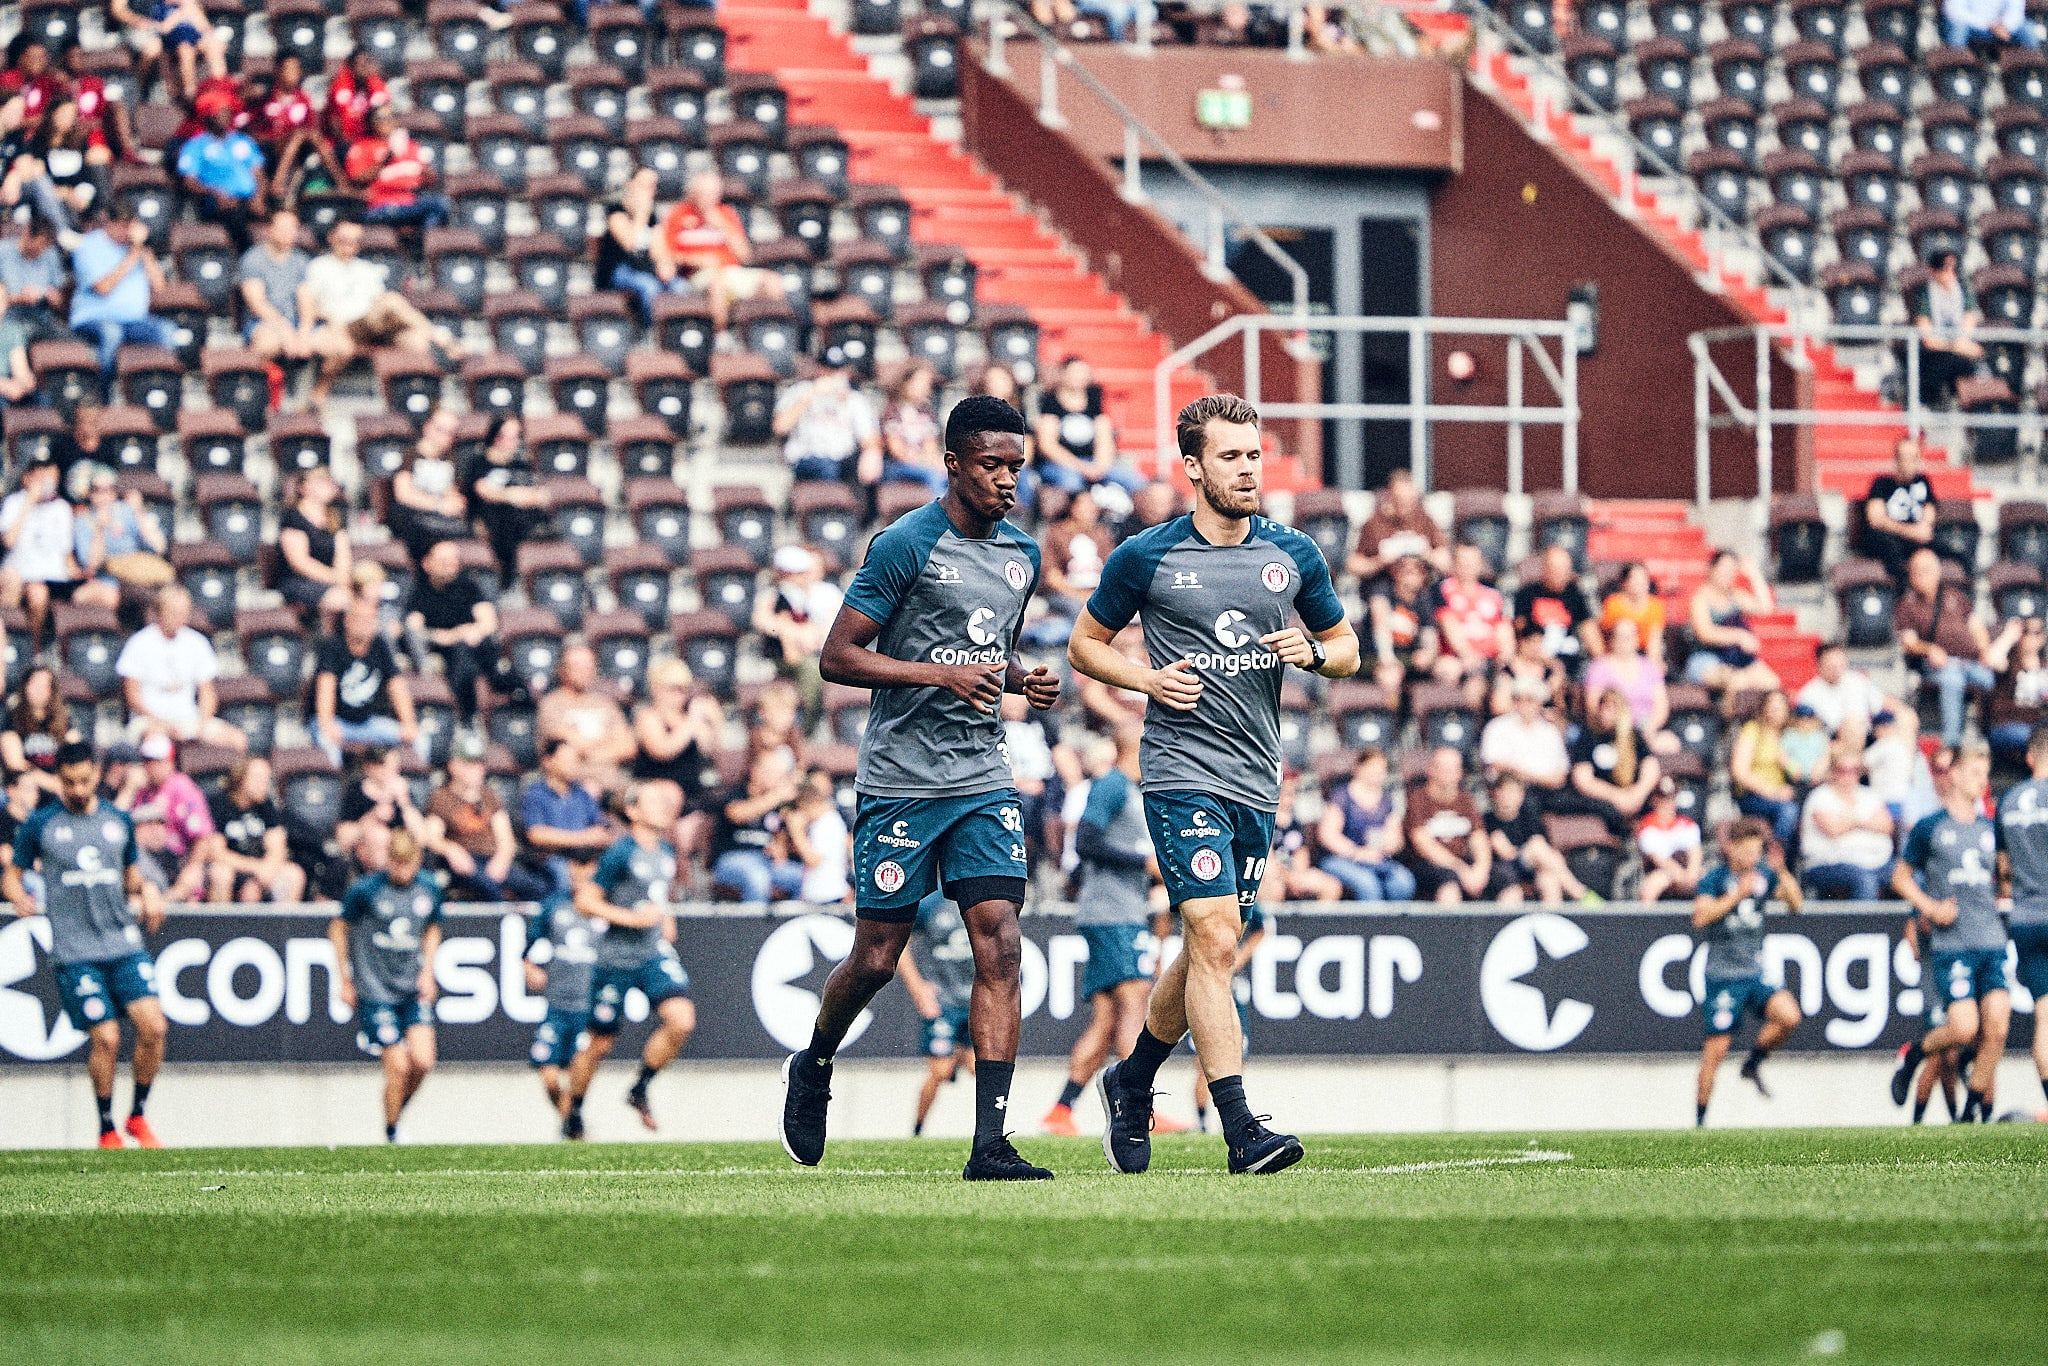 Nach dem Spiel – Arminia Bielefeld (A) – Spieltag 1 – Saison 2019/20